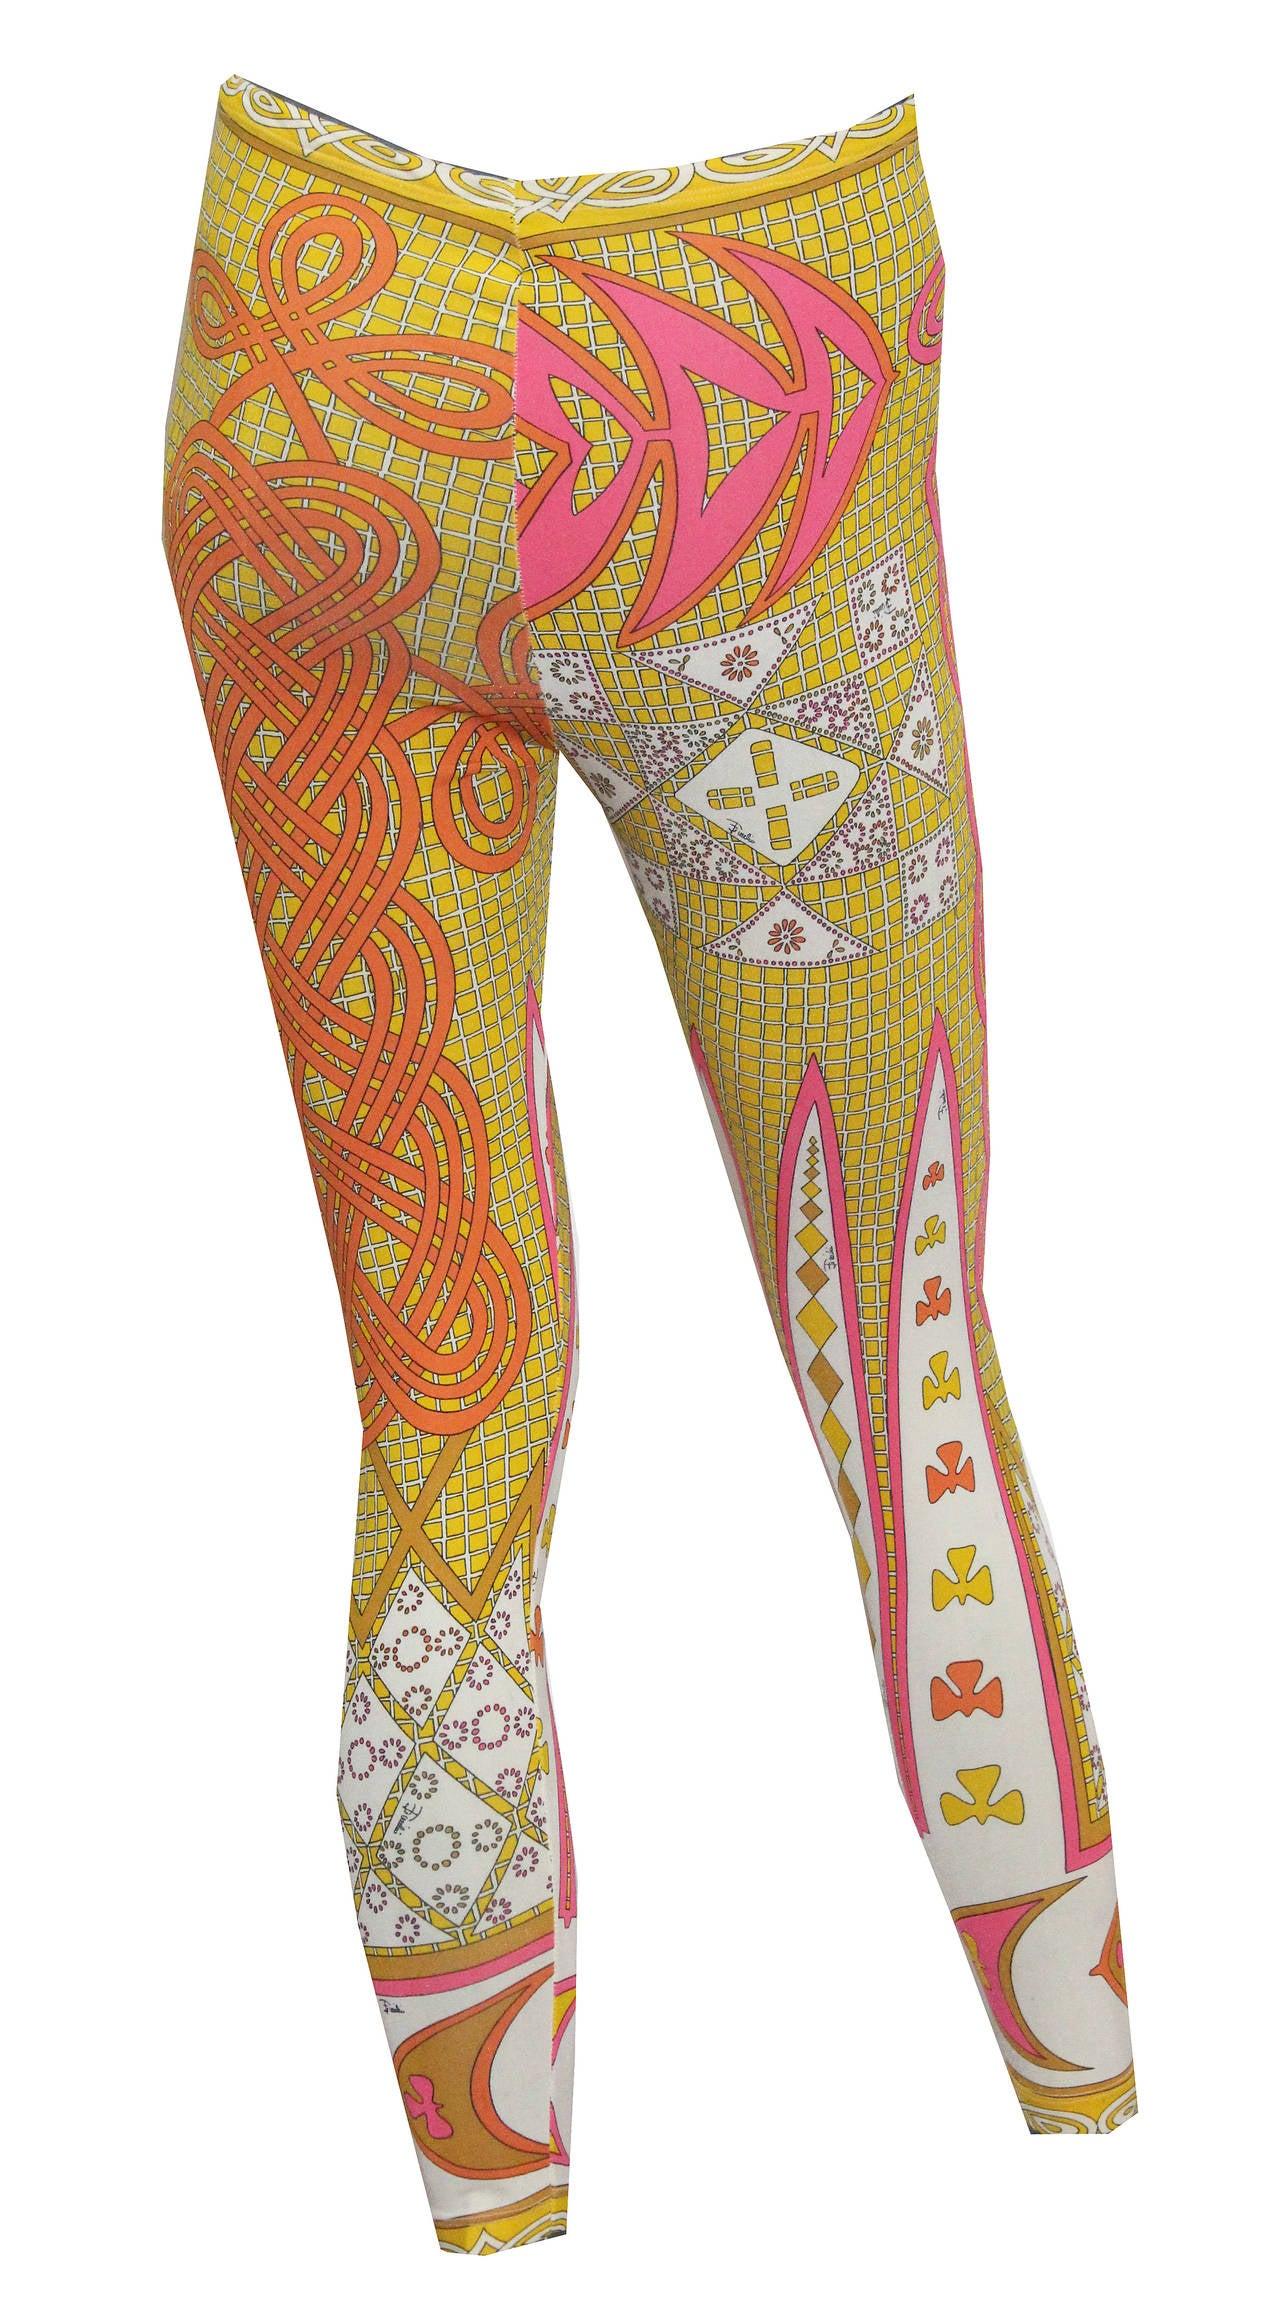 A Pair Of Original 1960s Emilio Pucci Leggings For Sale At